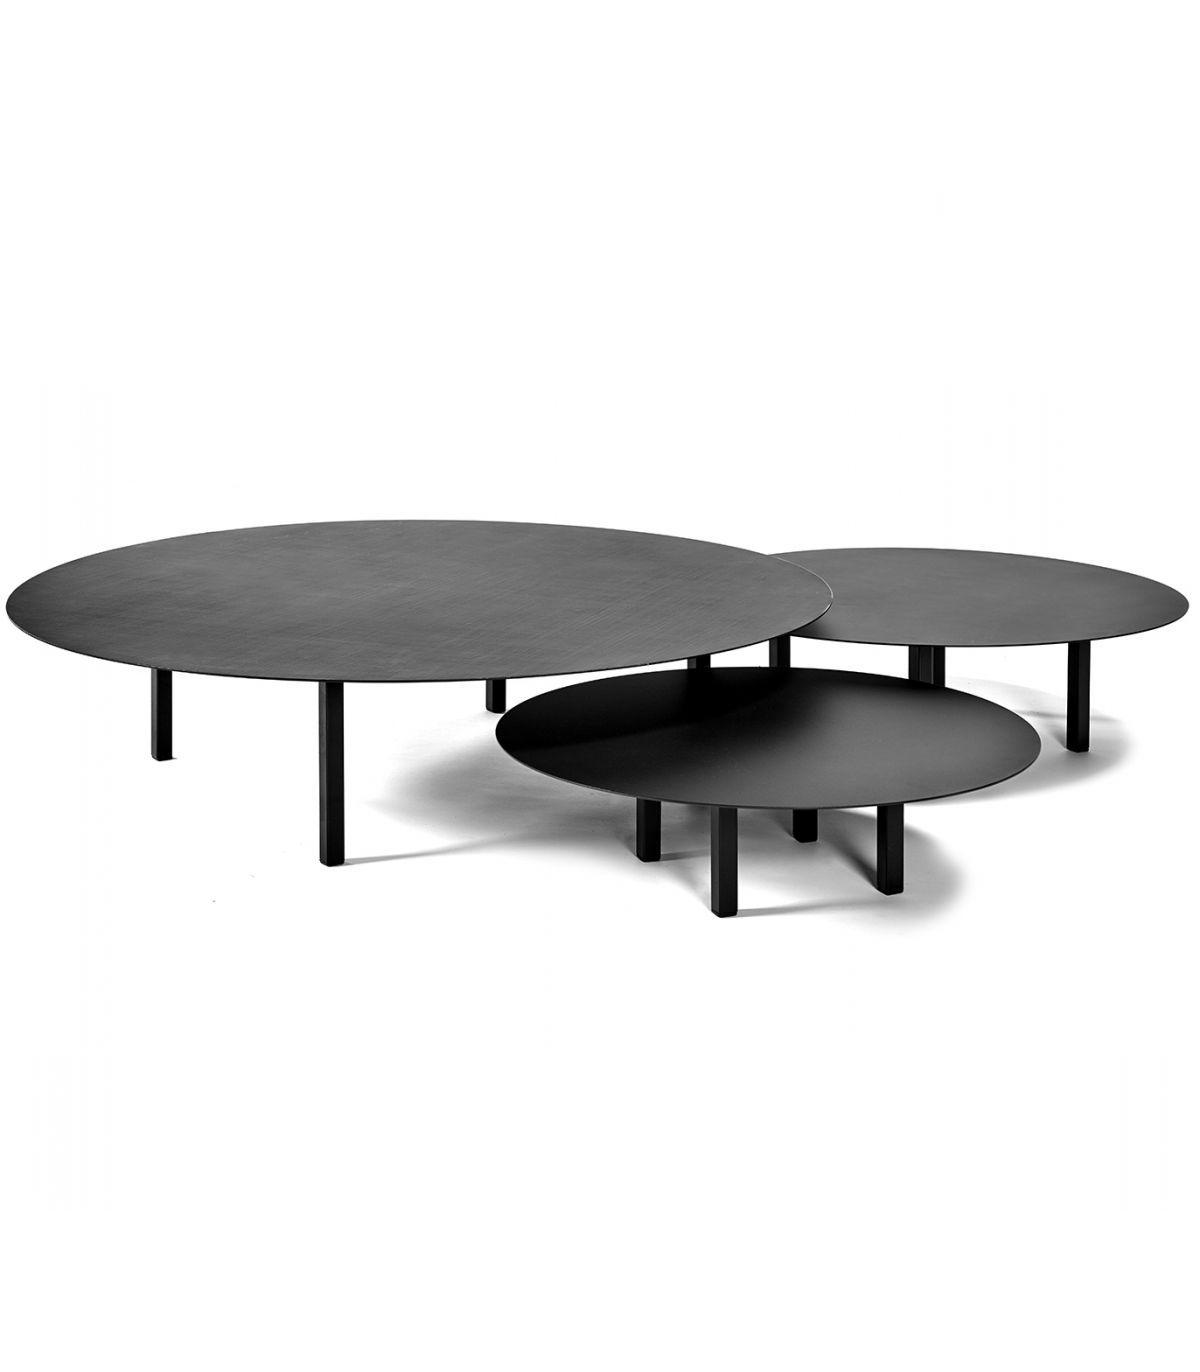 Epingle Sur Table Basse